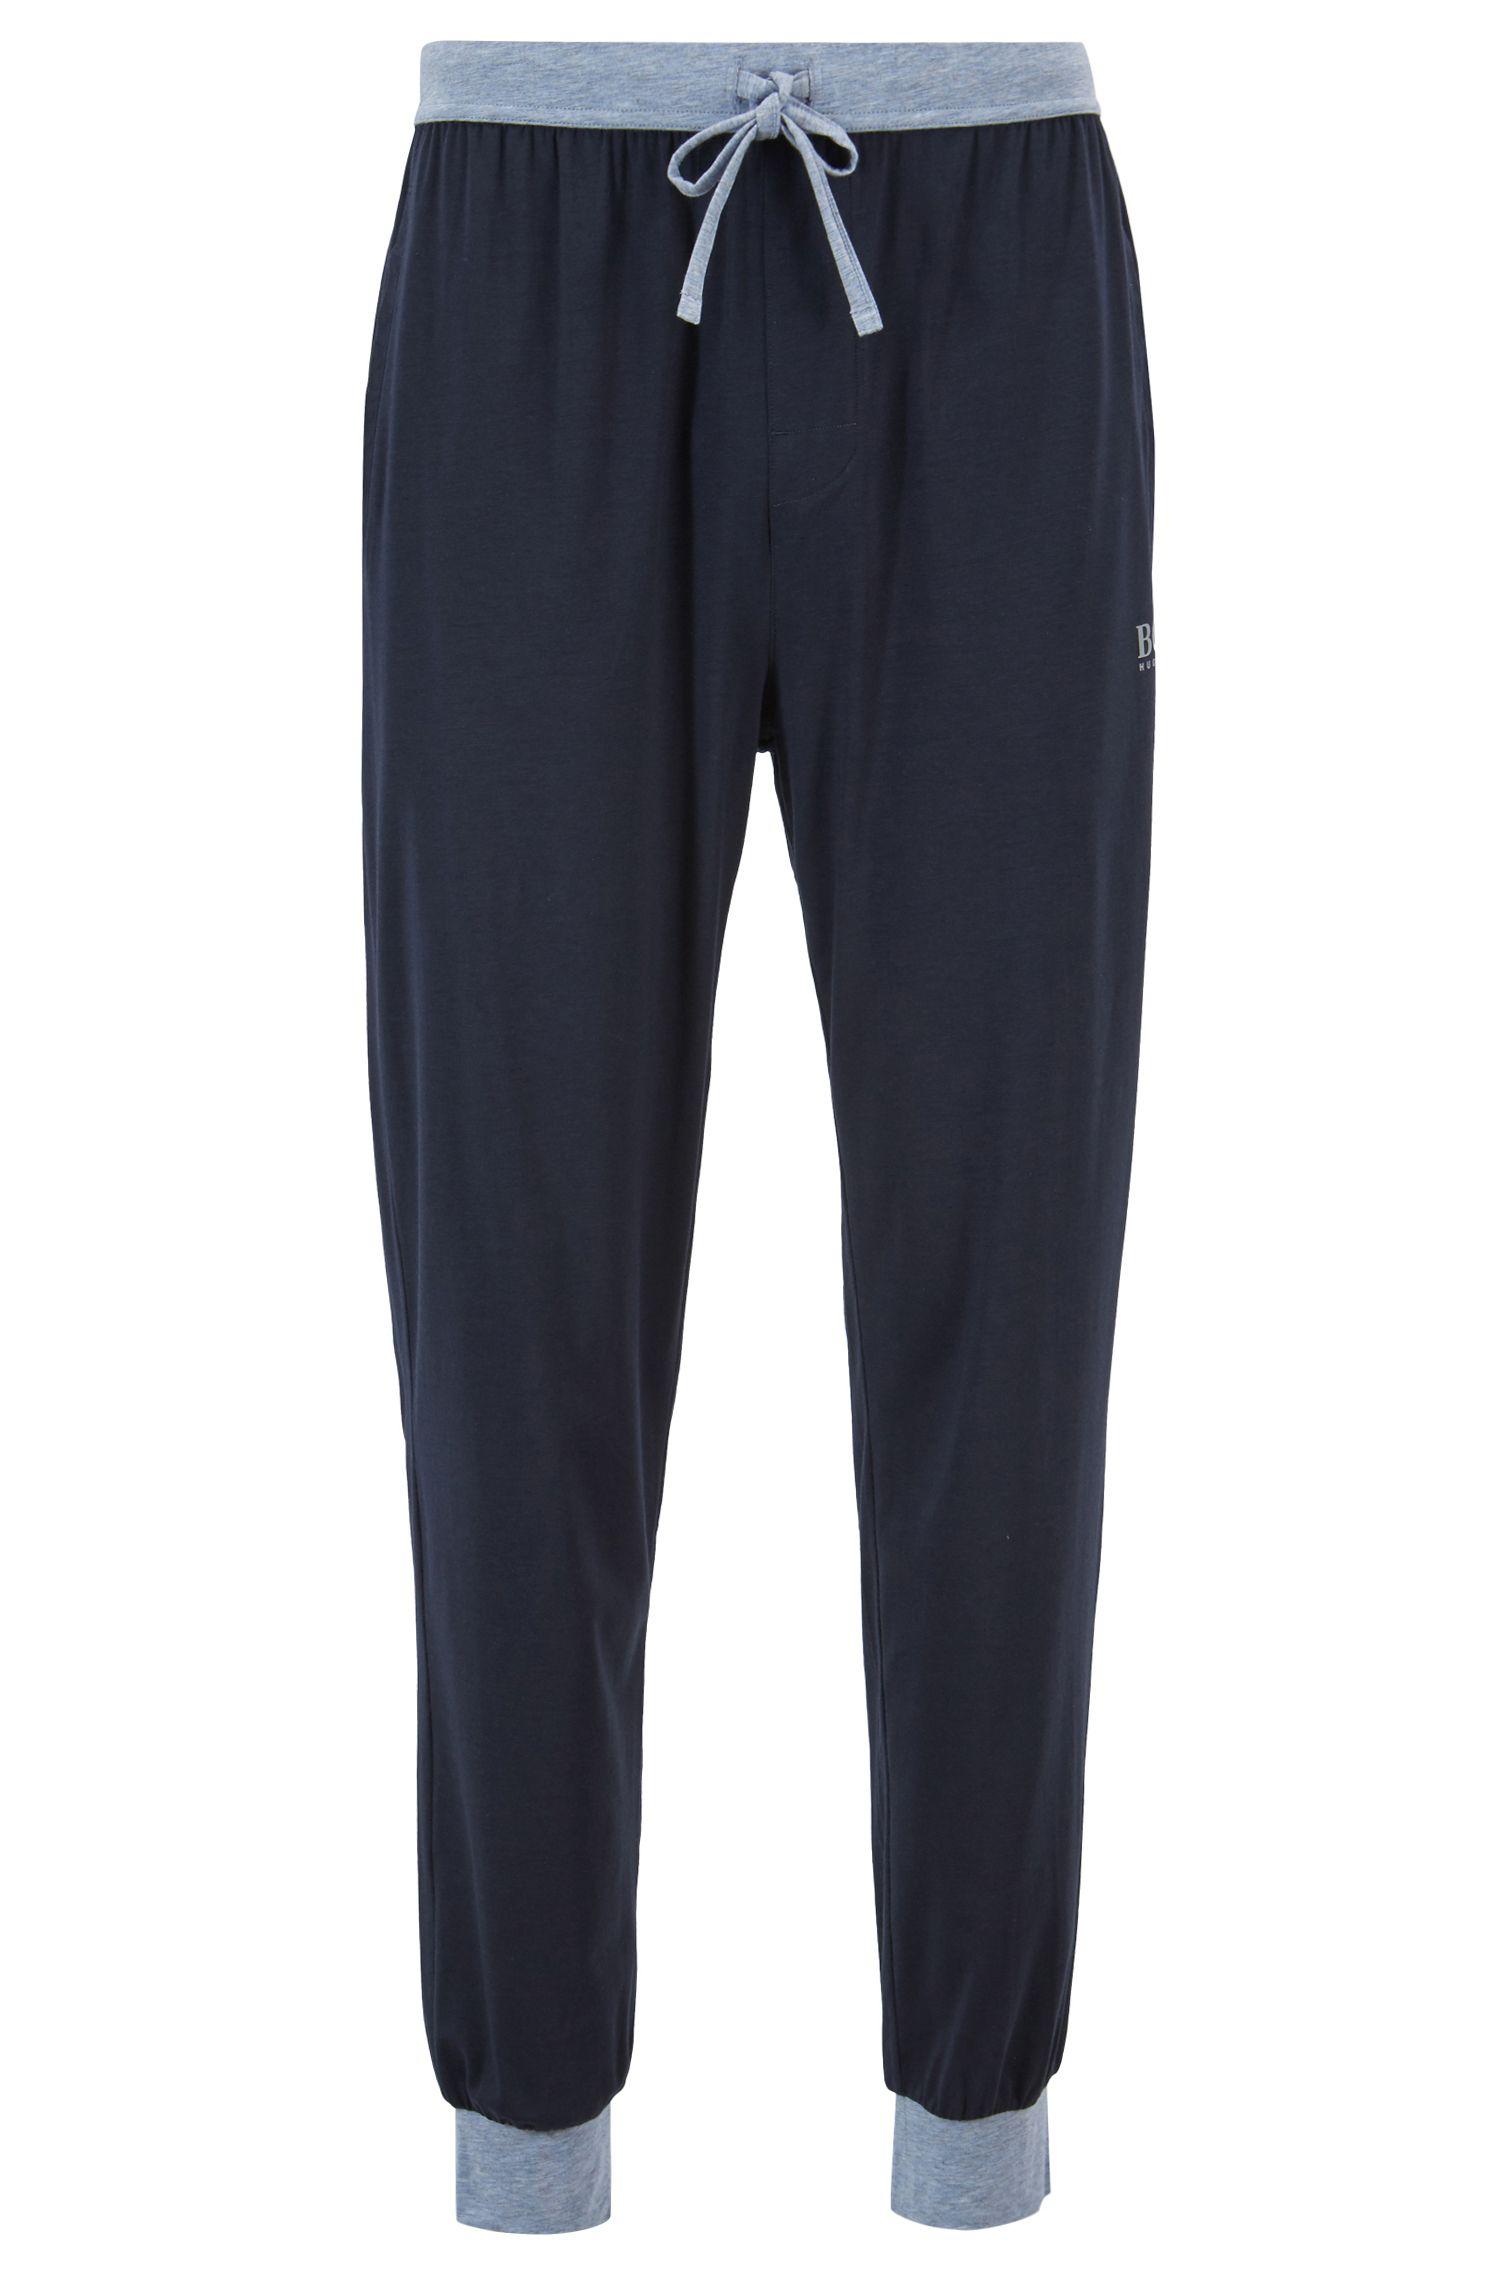 Pyjamabroek van jersey met trekkoord in de taille en contrastdetails, Blauw